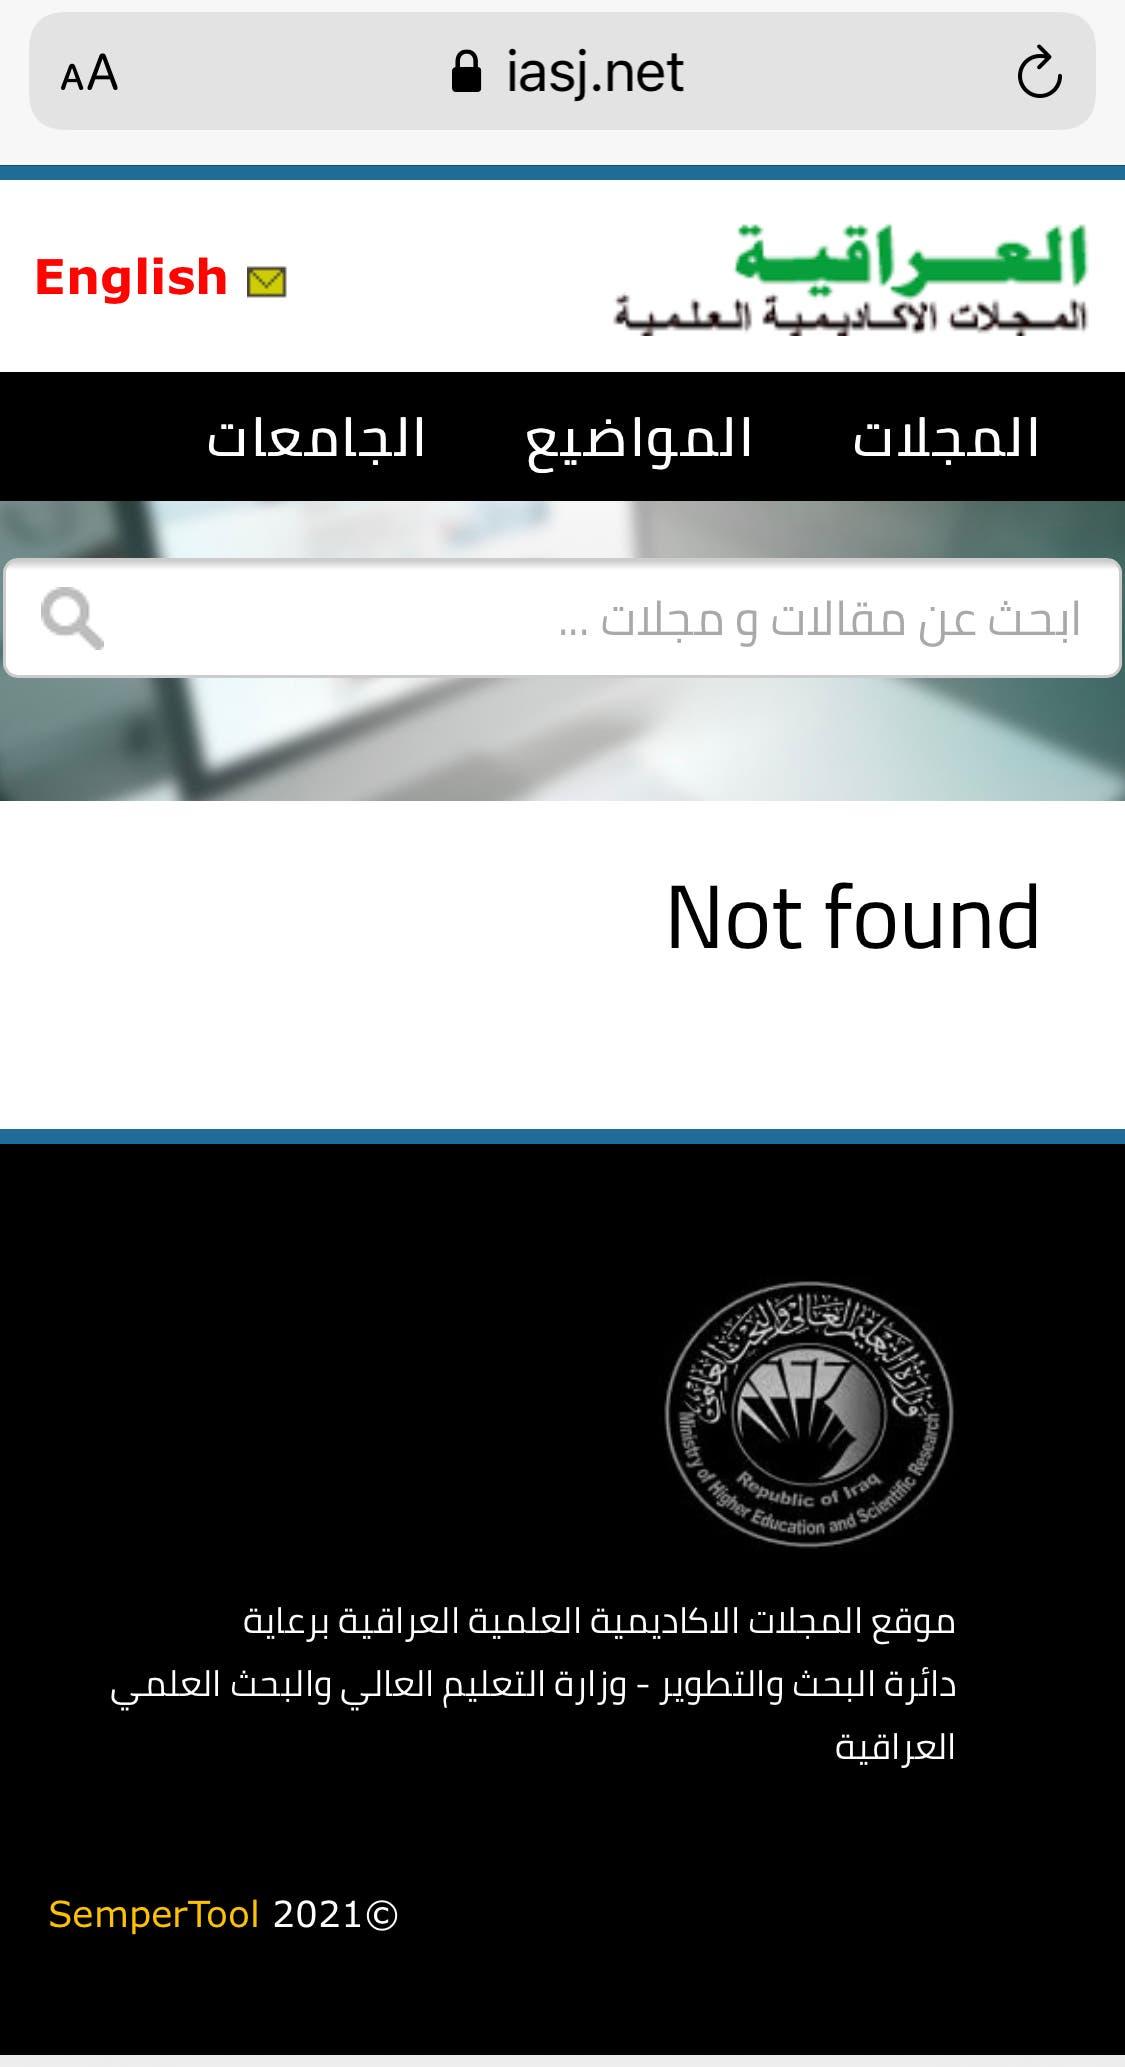 صفحة الموقع بعد حذف البحث المسروق